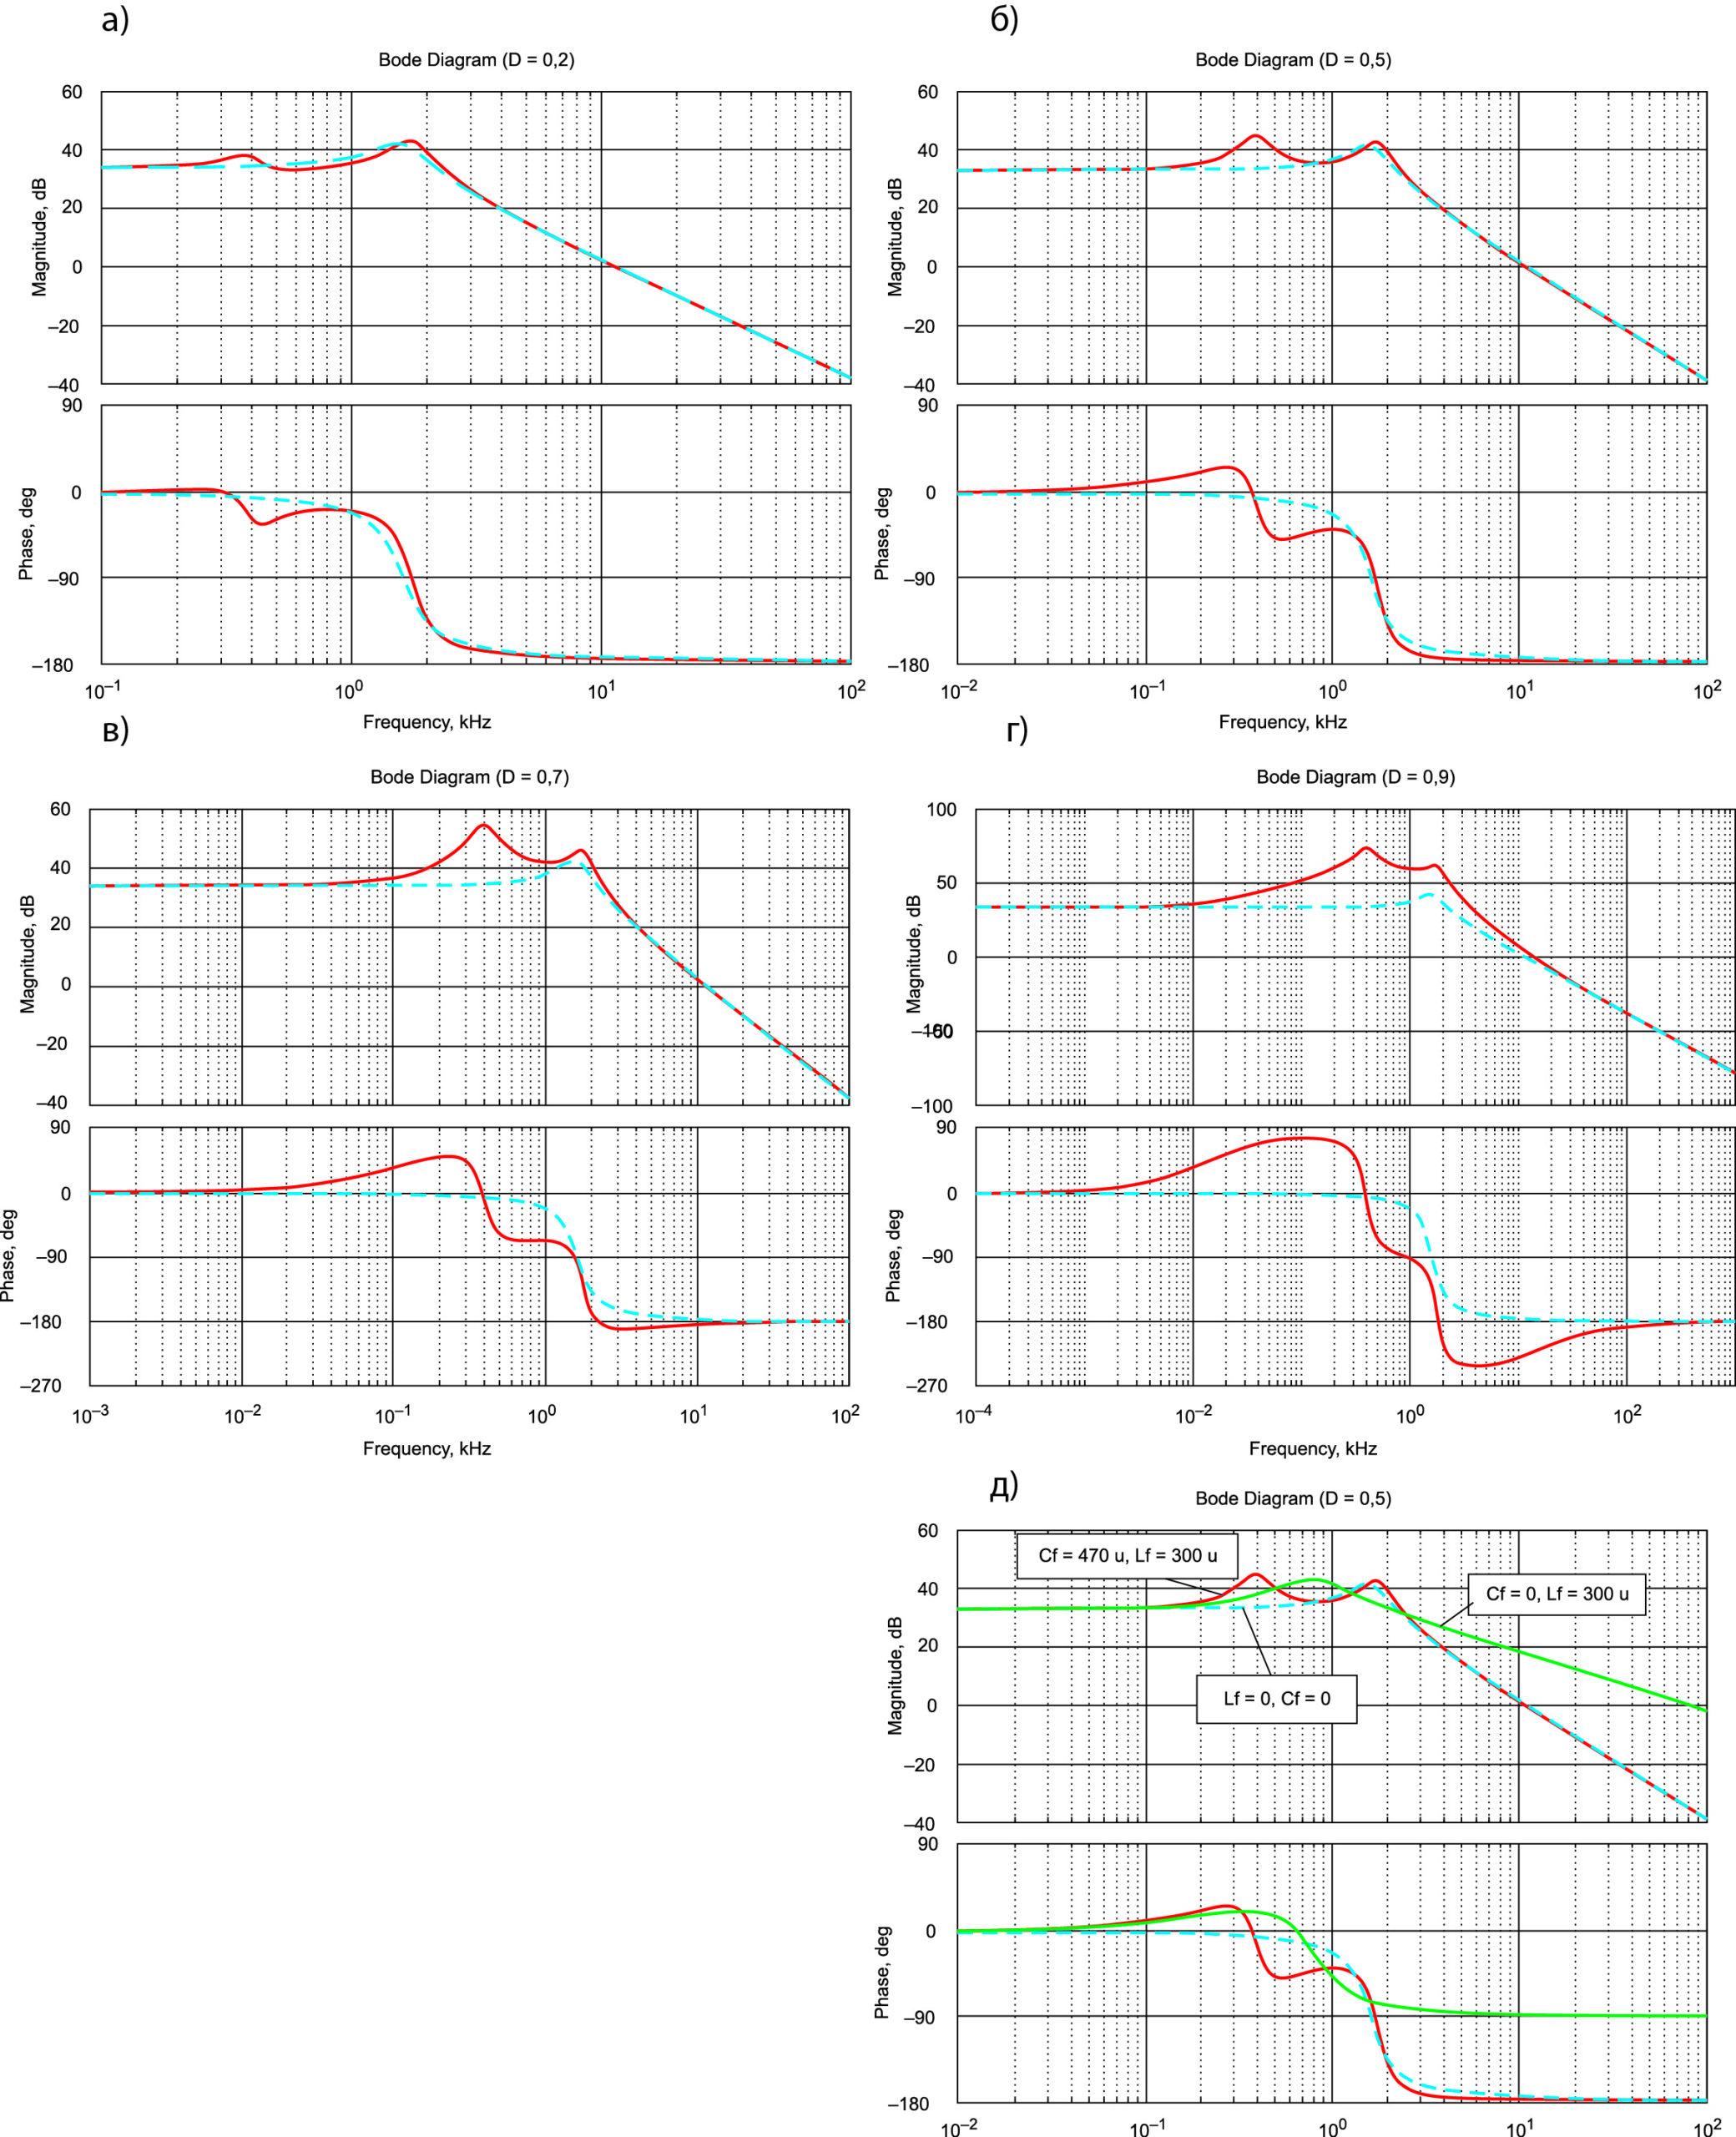 Функции Боде при разных значениях коэффициента регулирования D (а, б, в, г) и при разных фильтрах (д)